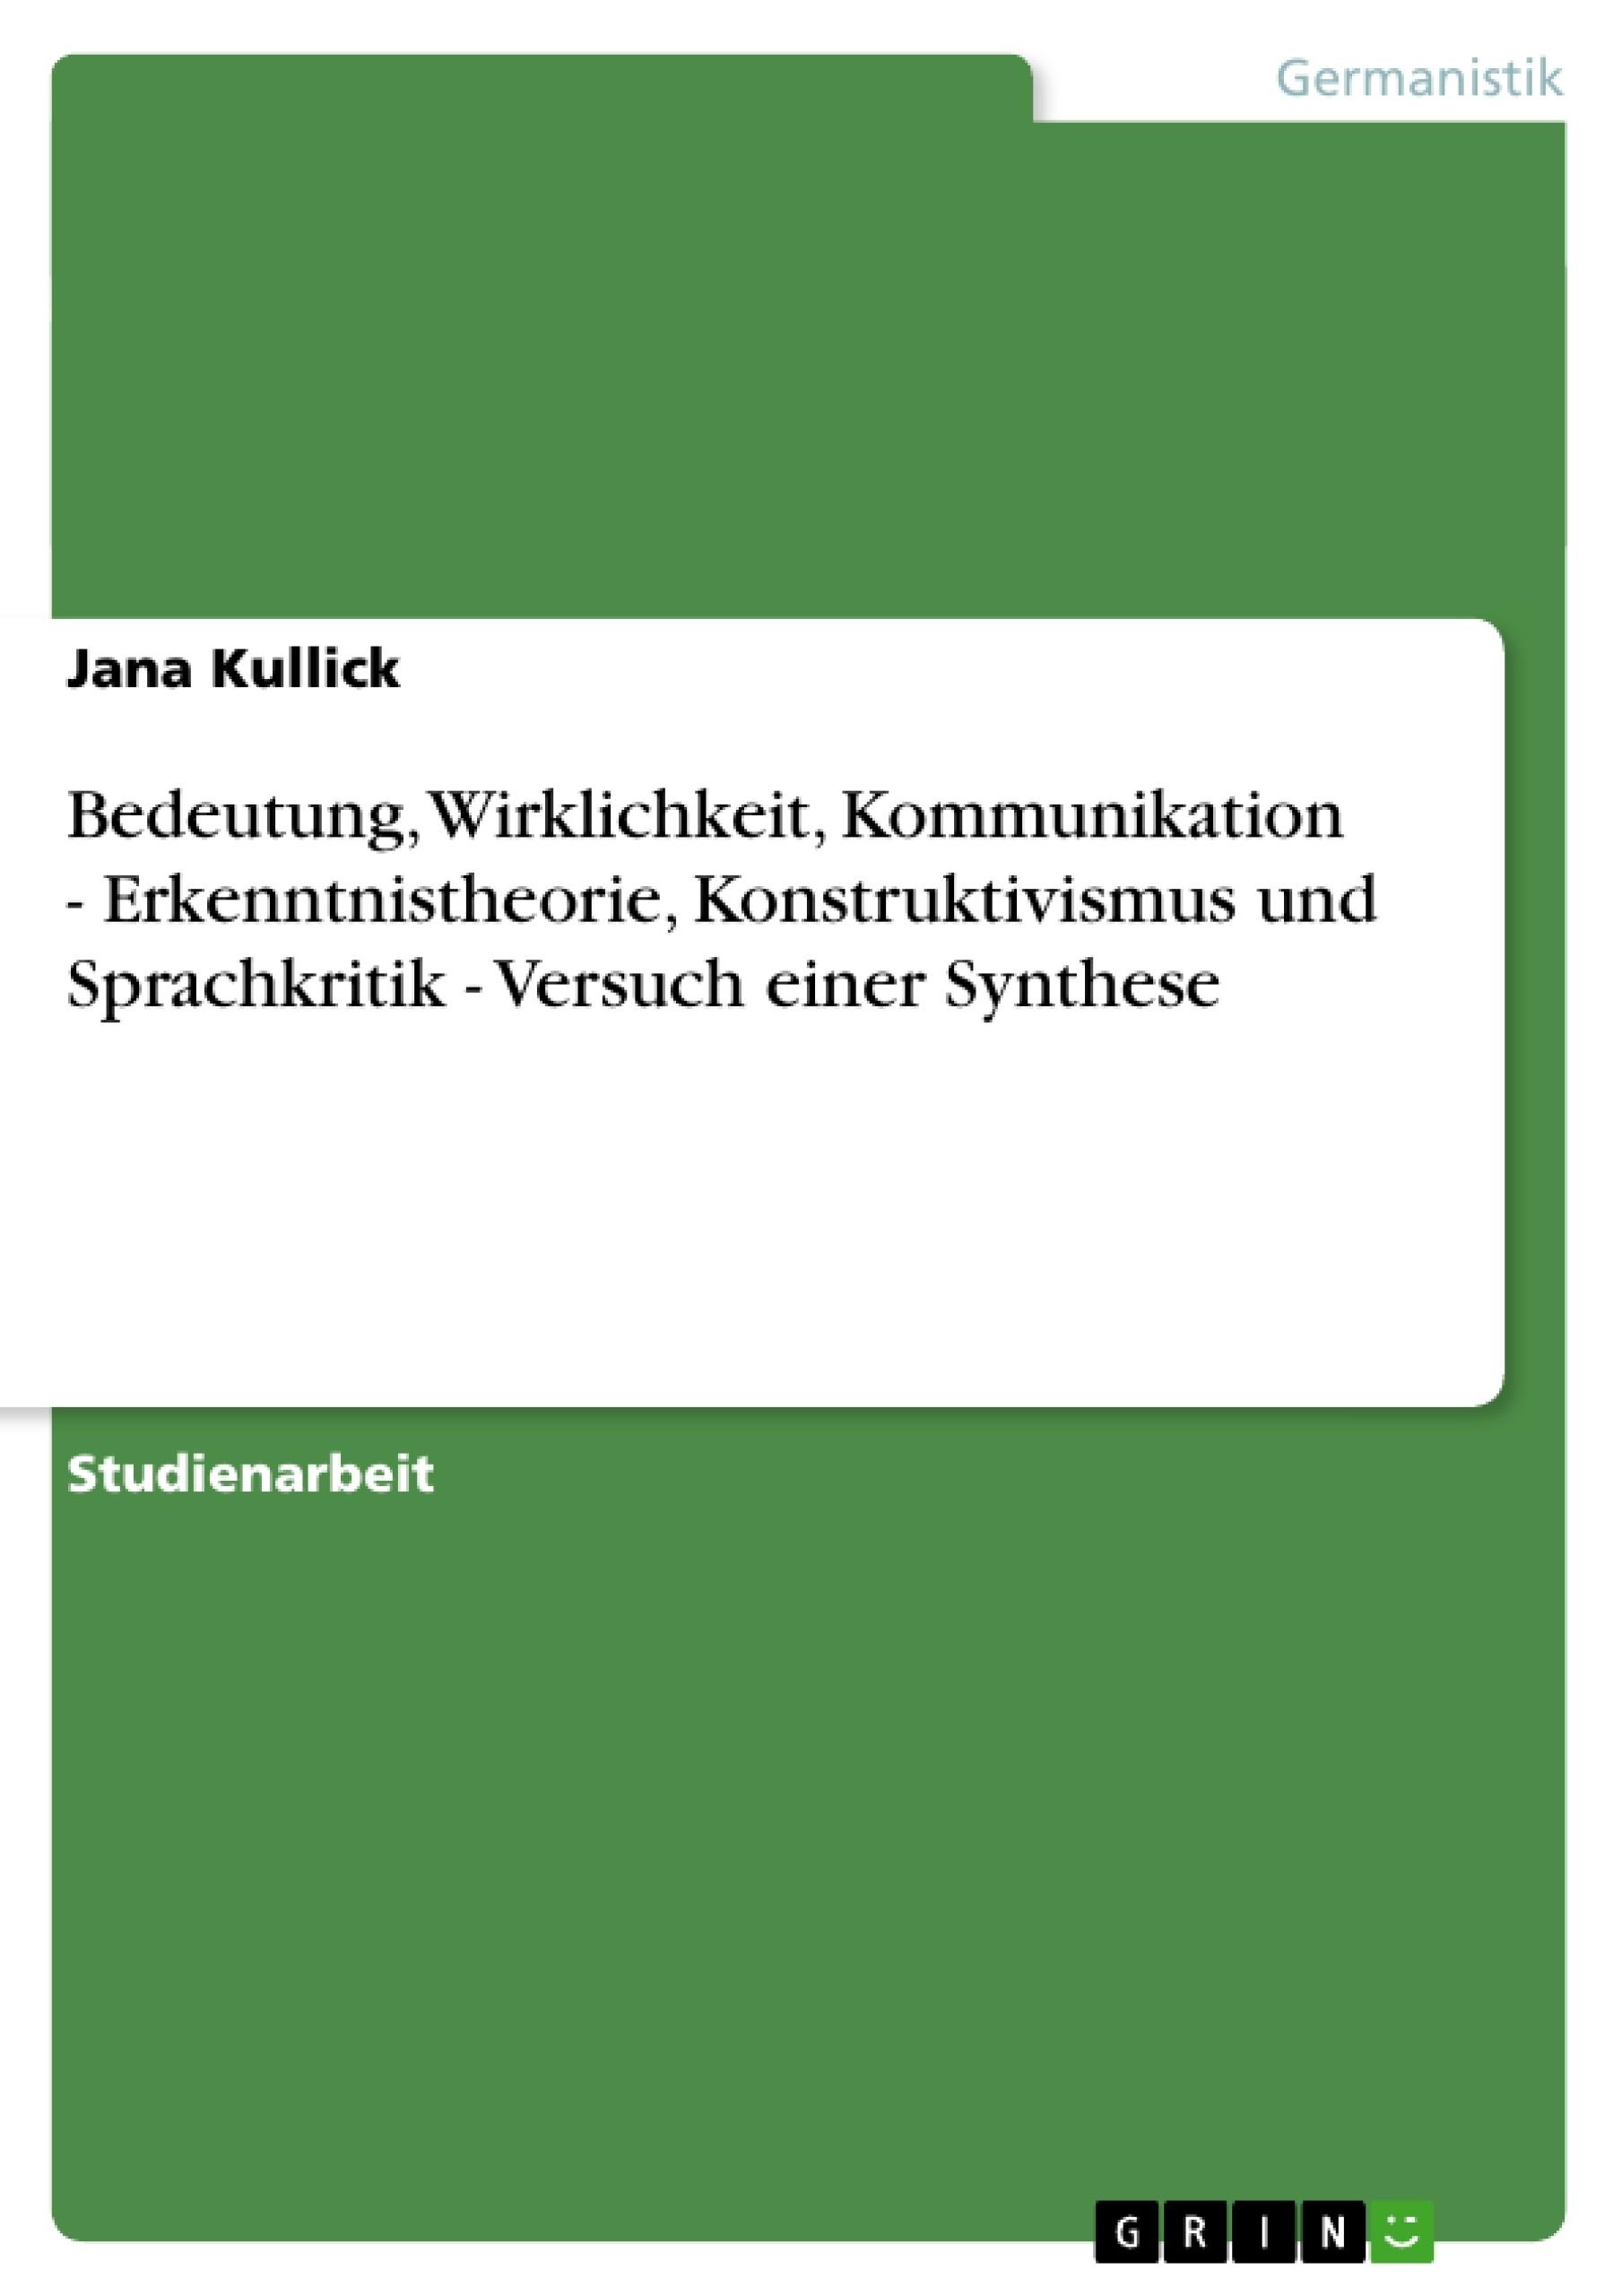 Titel: Bedeutung, Wirklichkeit, Kommunikation - Erkenntnistheorie, Konstruktivismus und Sprachkritik - Versuch einer Synthese